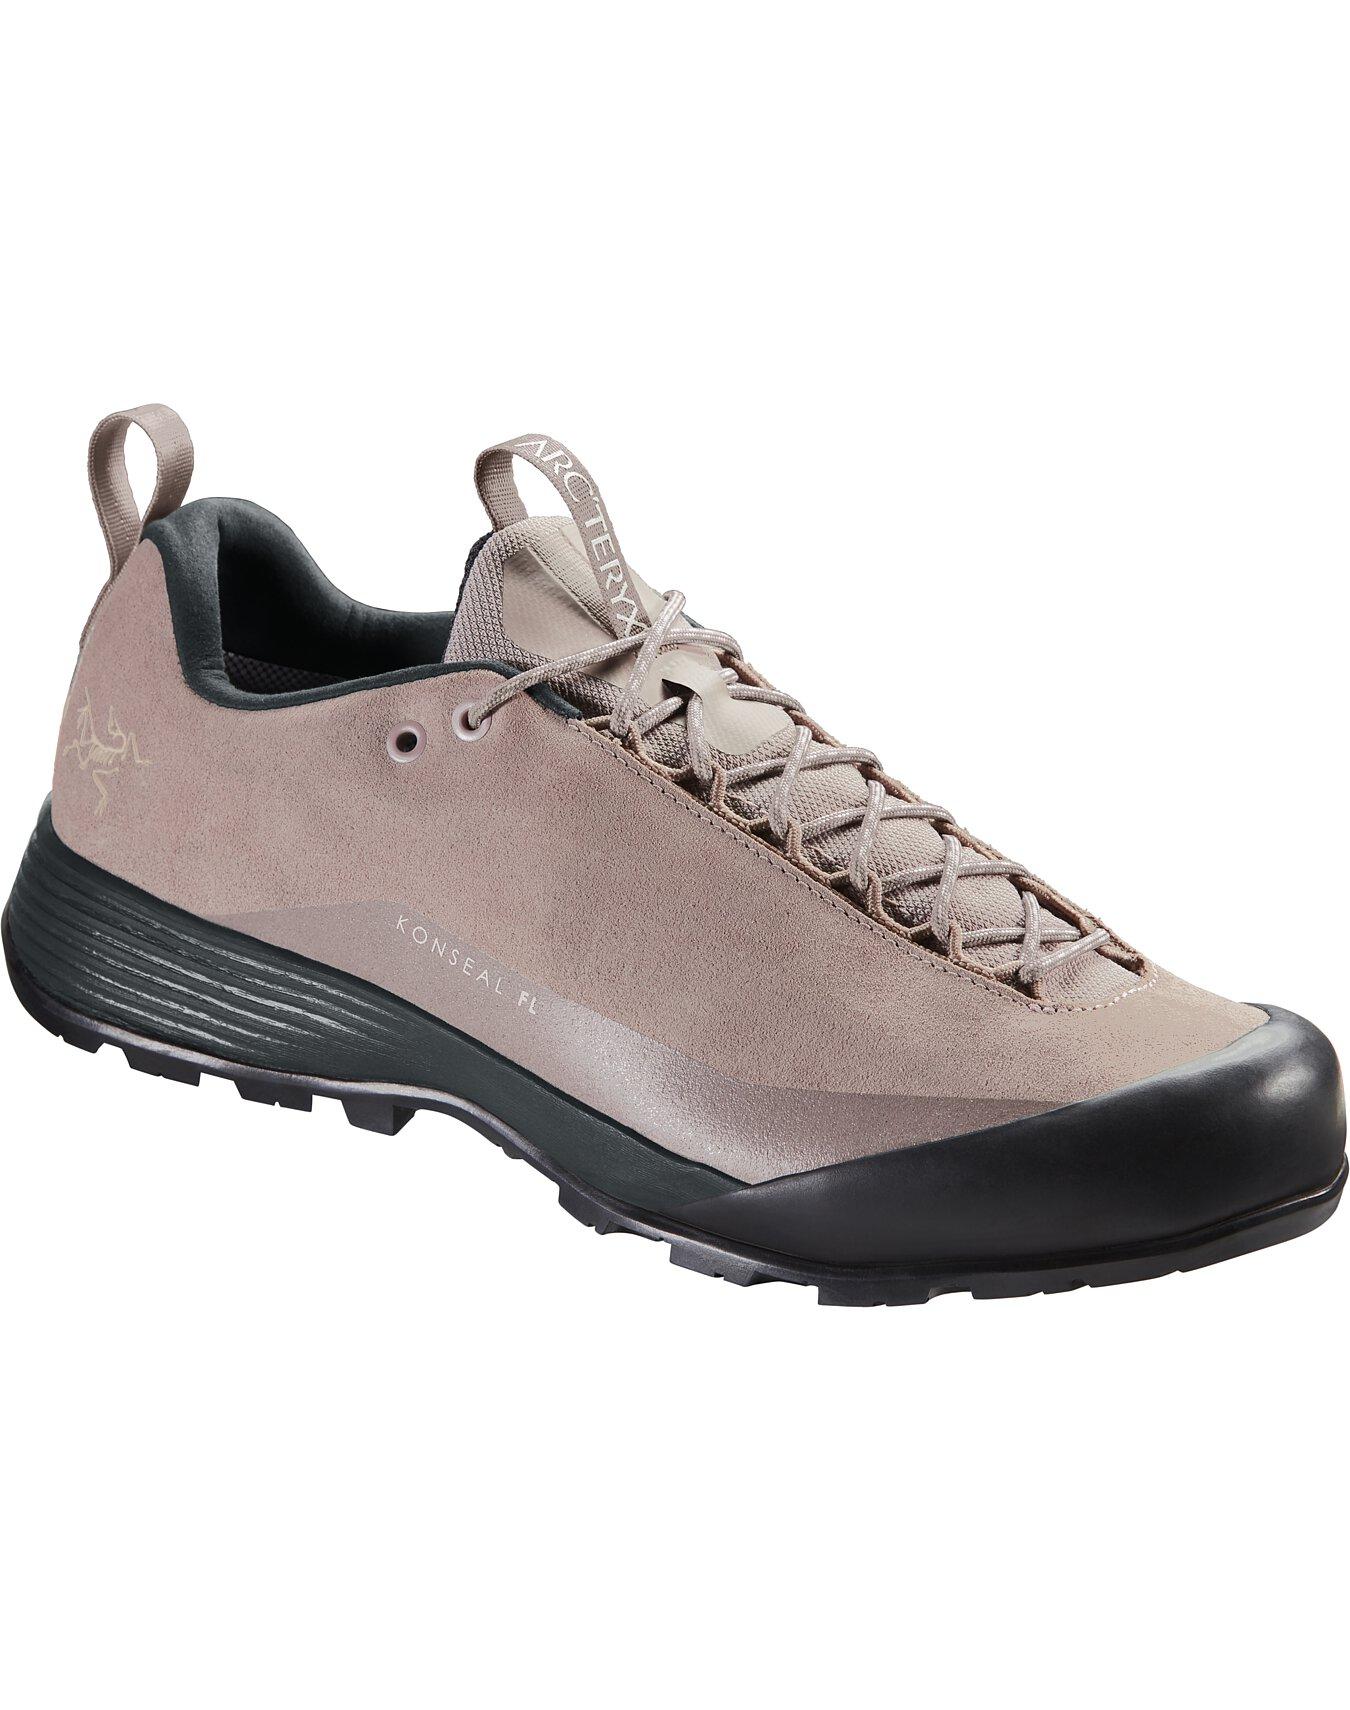 Konseal FL 2 Leather GTX Shoe Women's